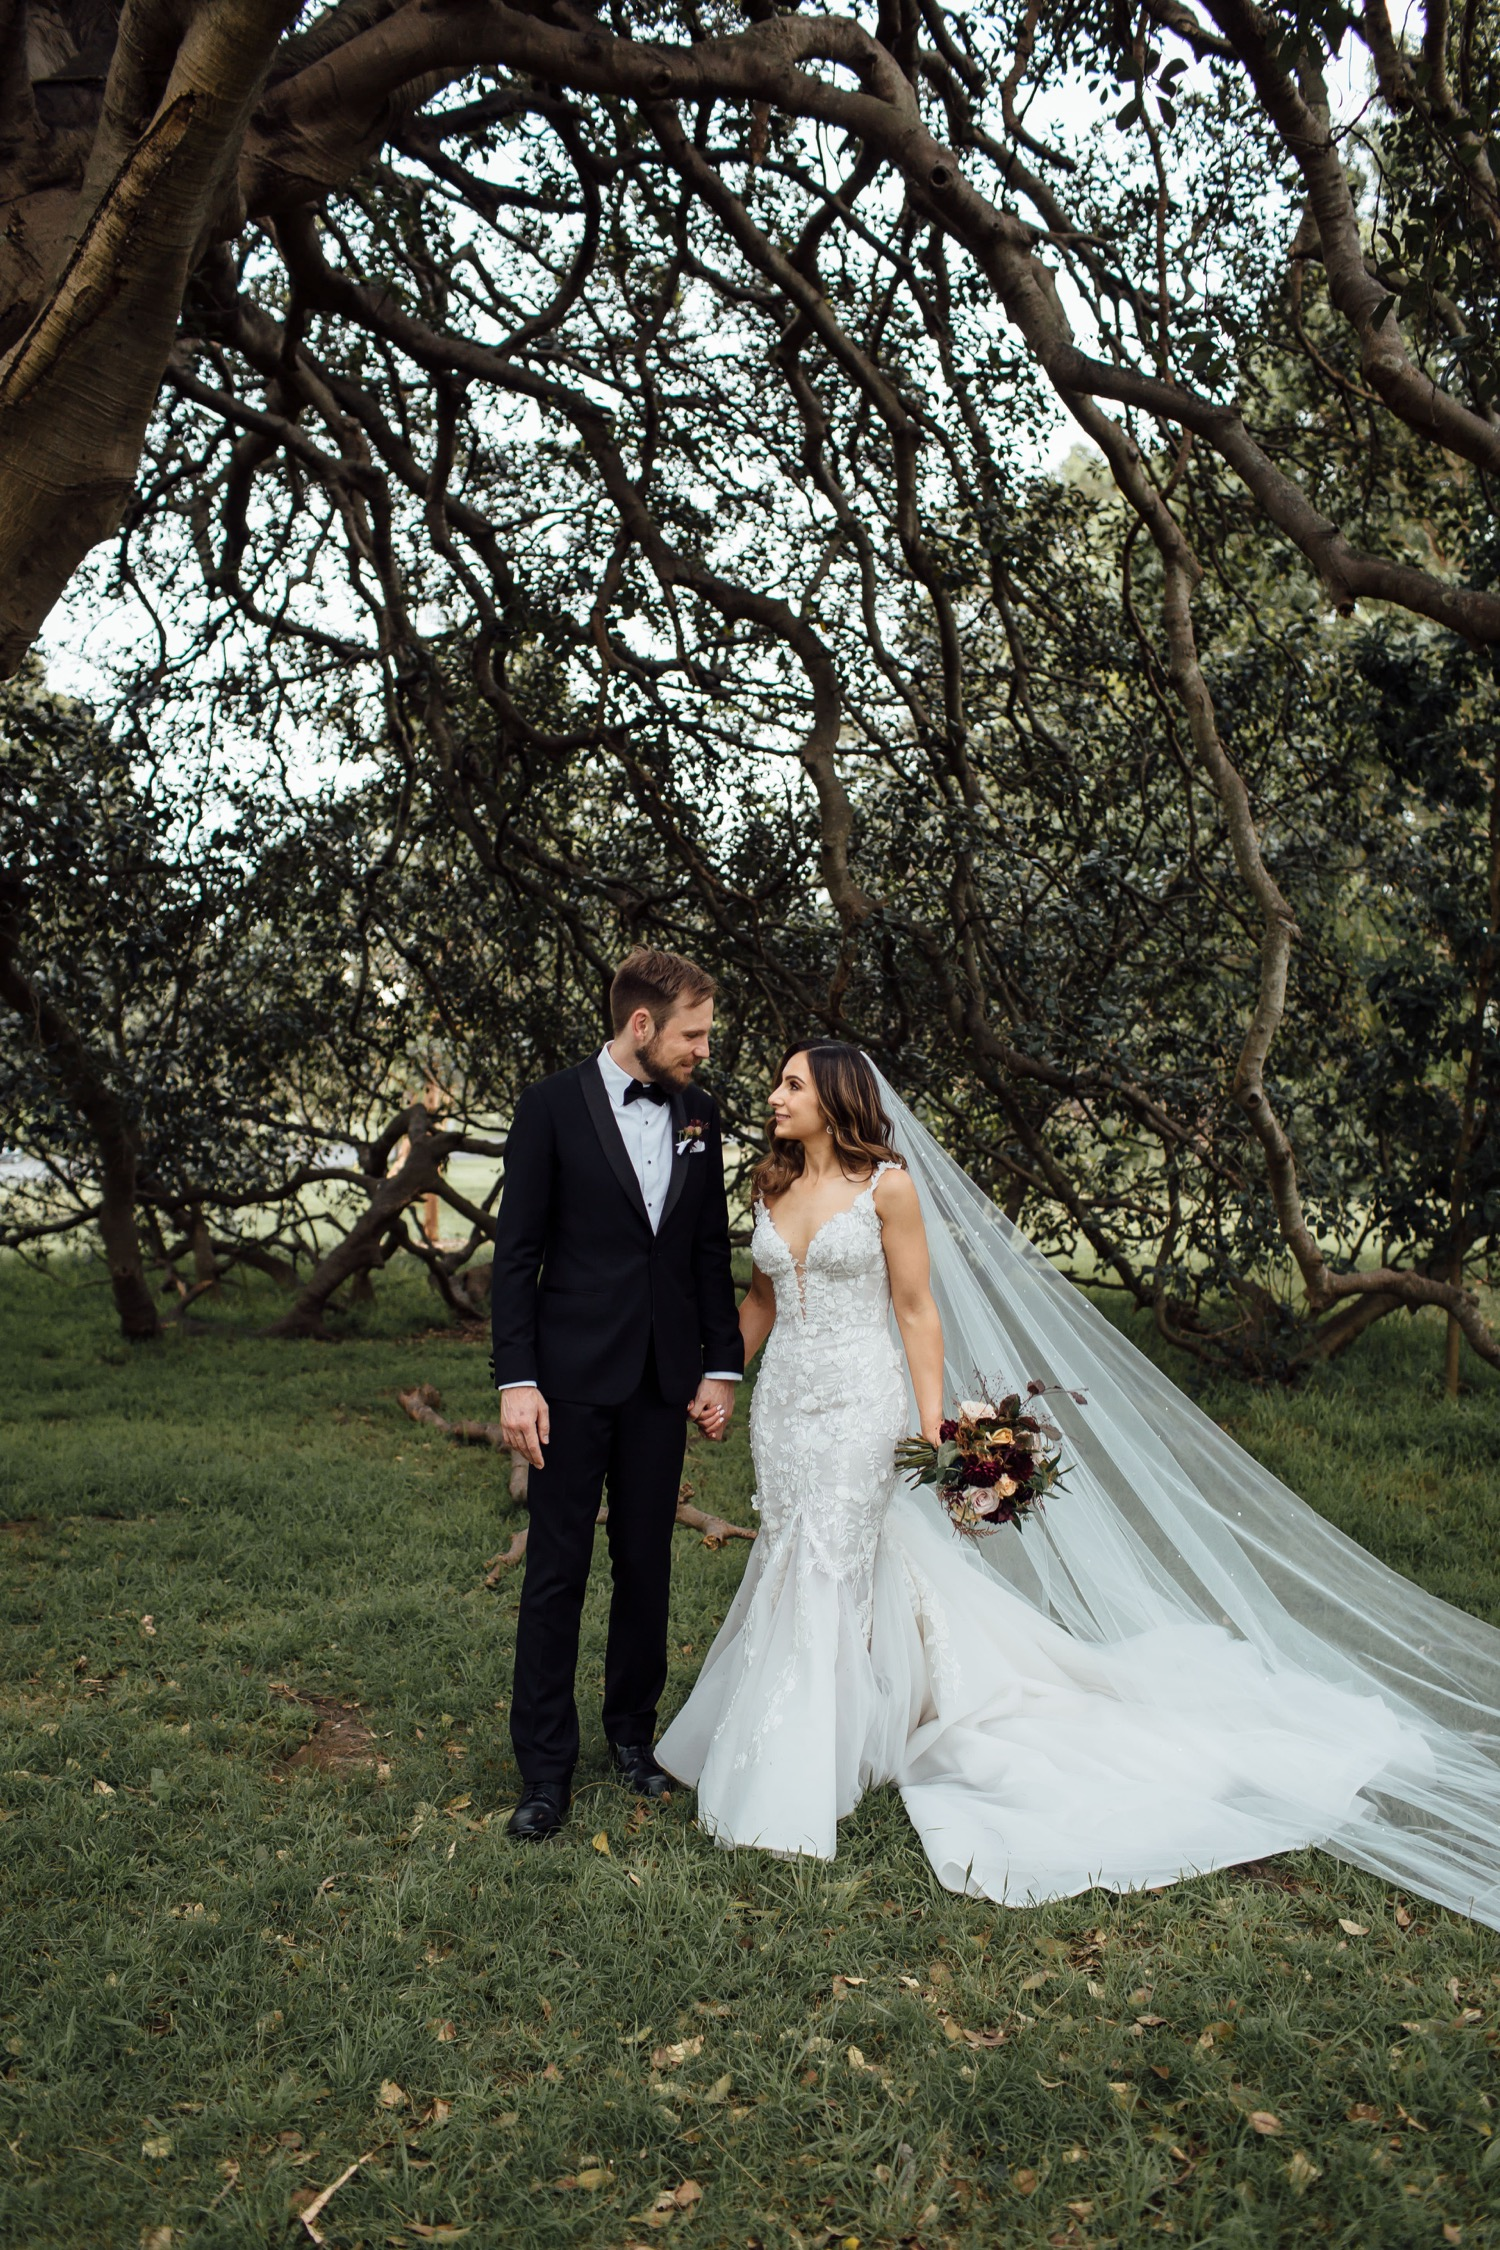 She-Oak Grove Centennial Park wedding photos